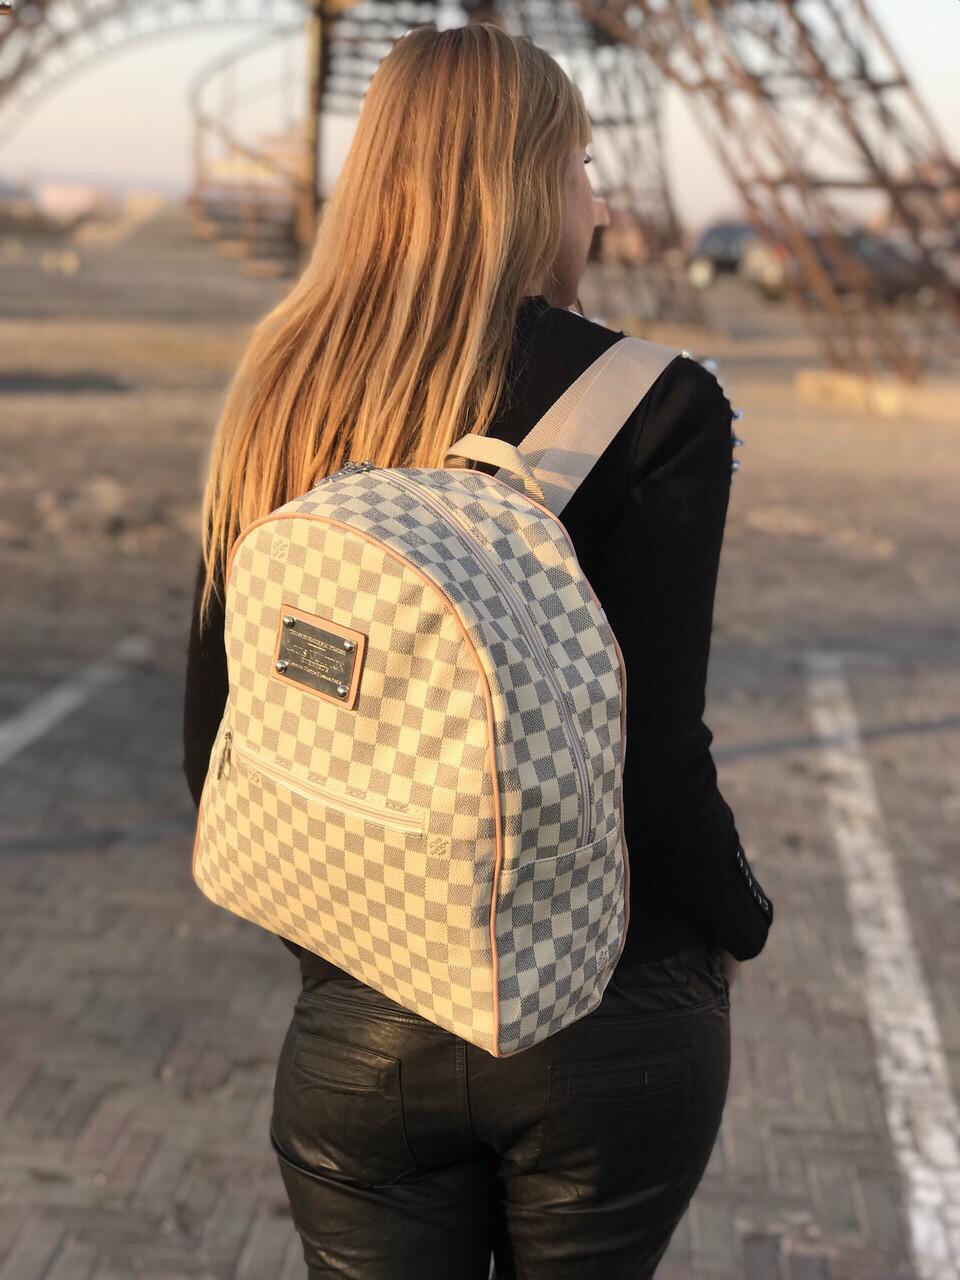 Стильный Рюкзак в стиле LV Louis Vuitton ( Луи Витон) Vintage white -  Планета здоровья eaa161ff31b